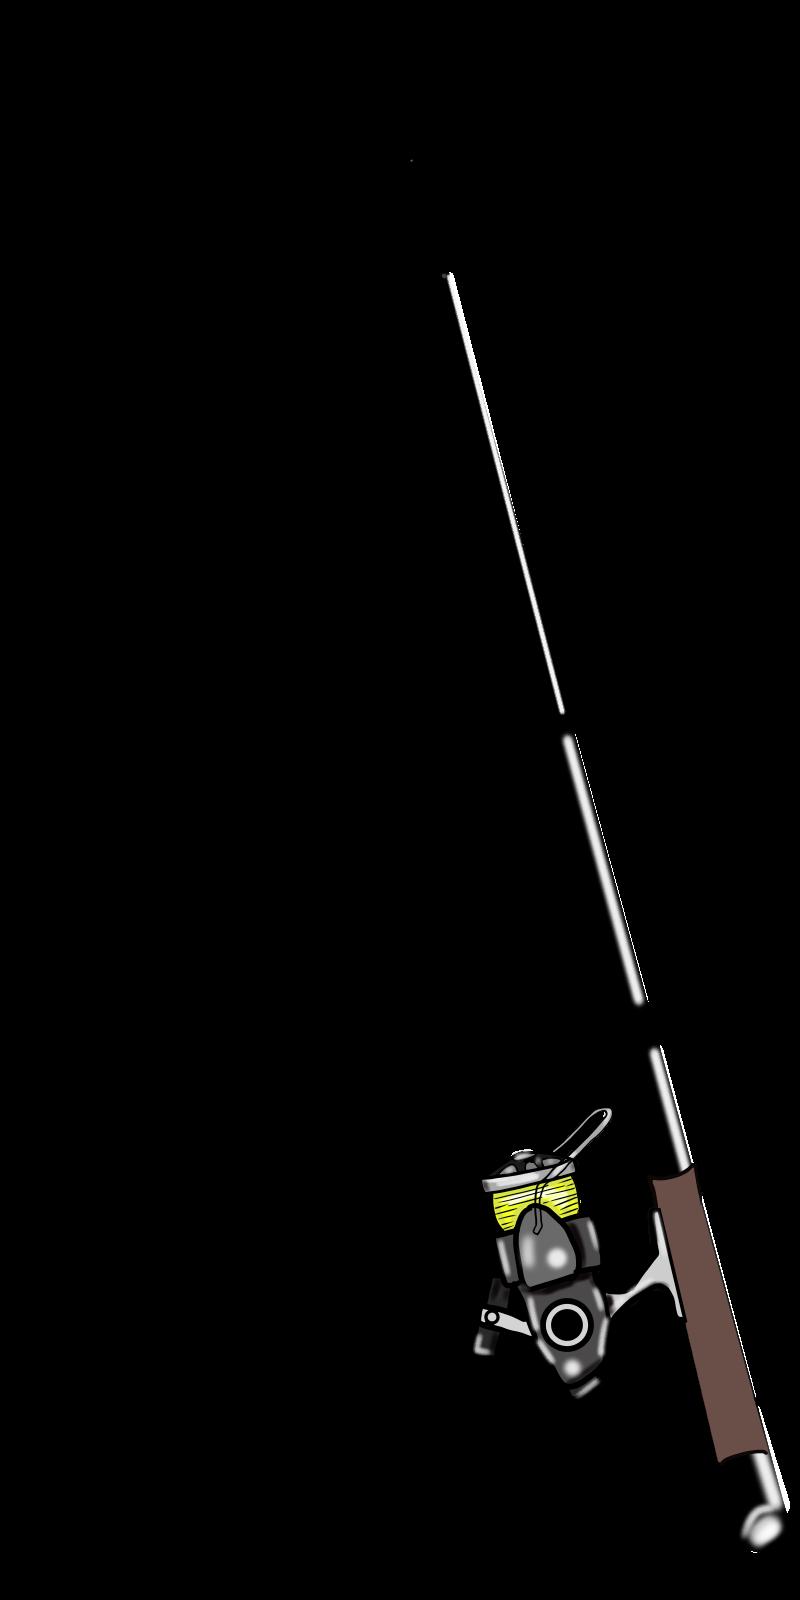 仕掛けは自分で書いてよね♡釣り竿とリールの無料イラスト2015-6-8 黒